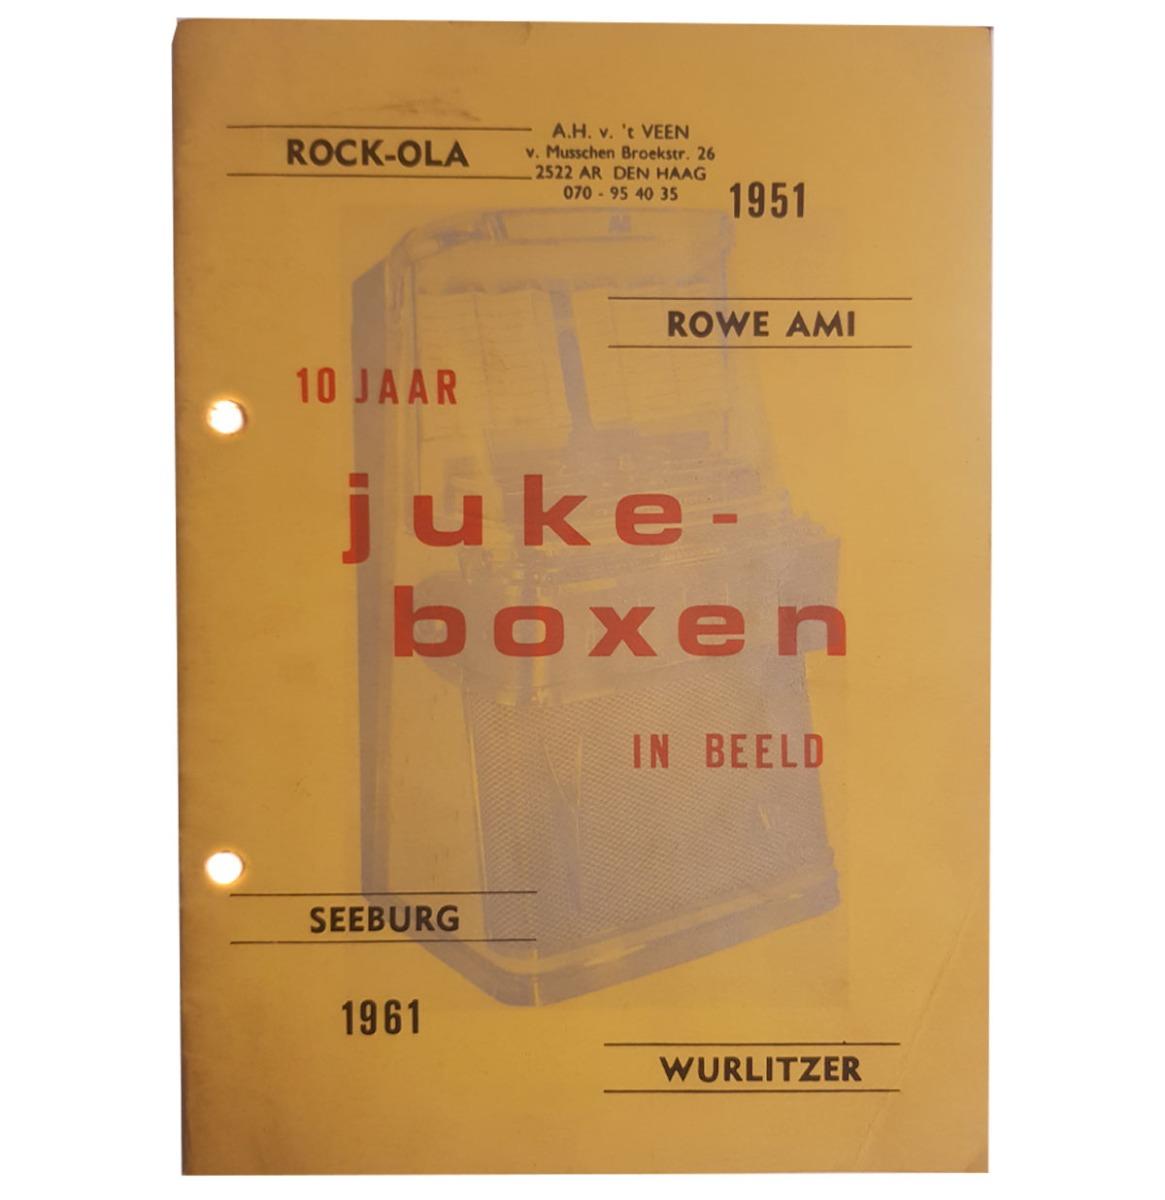 10 Jaar Jukeboxen In Beeld - Book - Nederlands Geschreven (2)